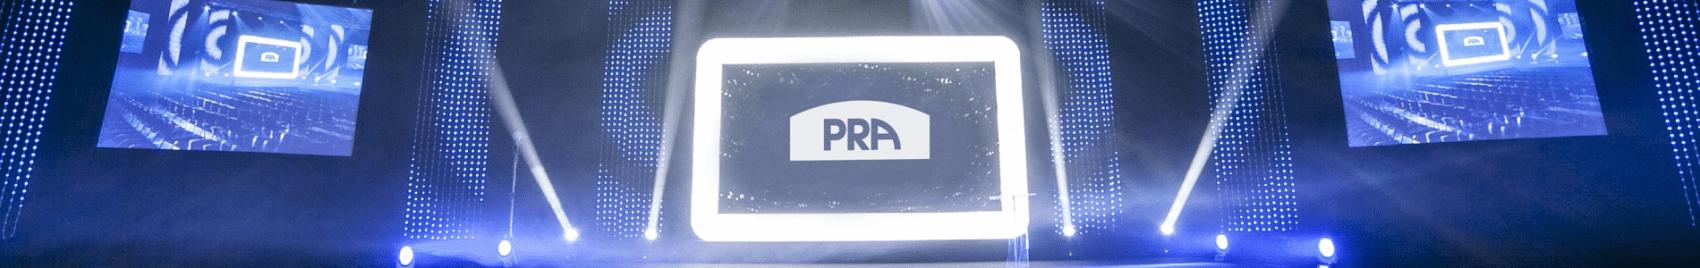 PRA Annual Conference 2019